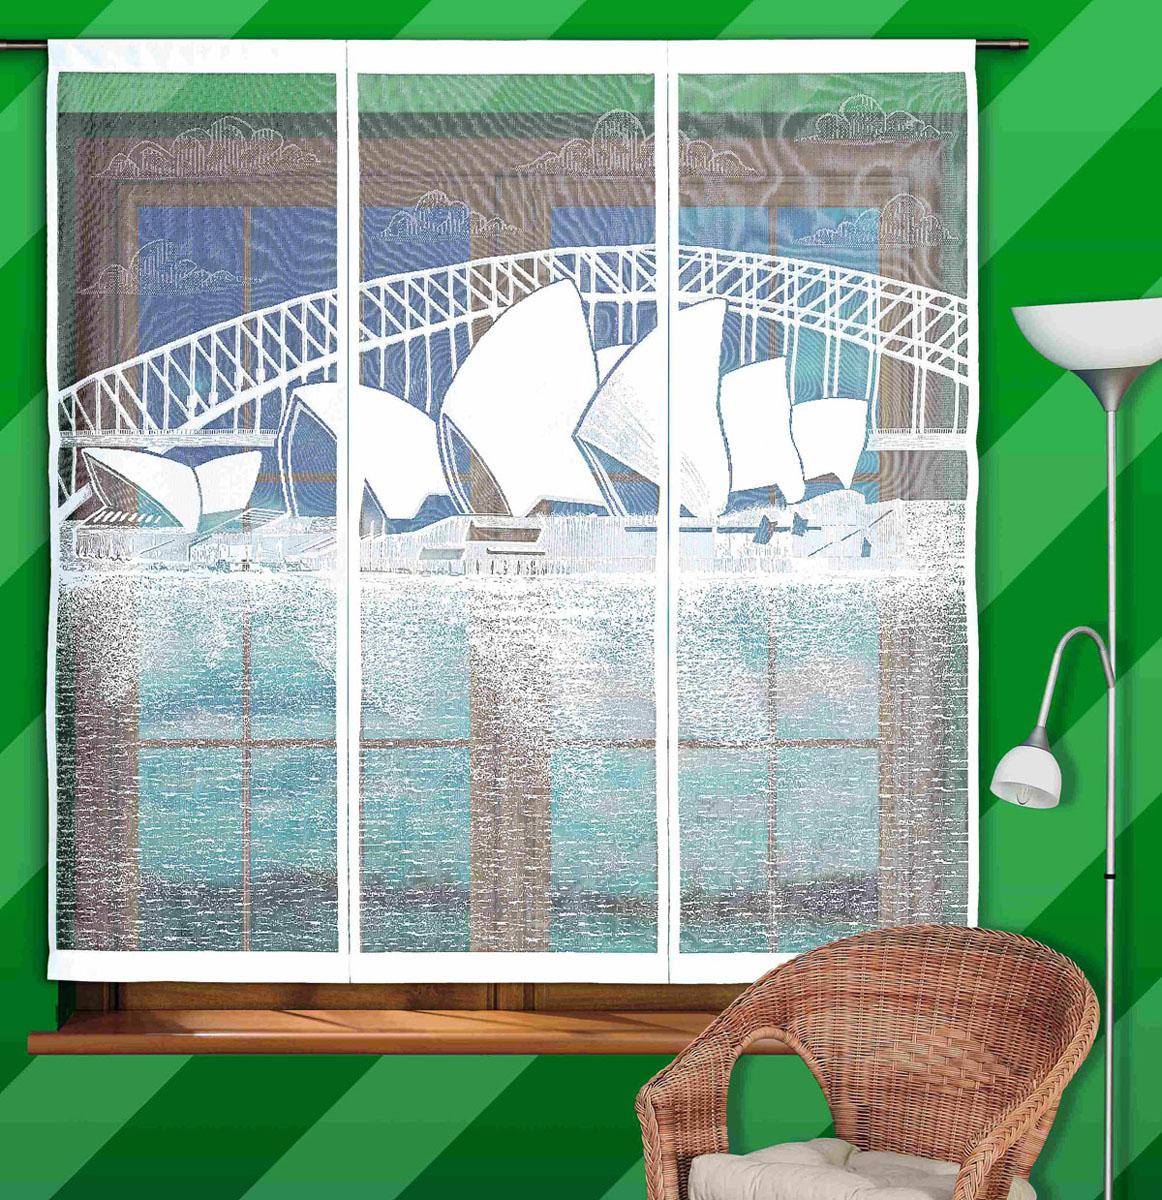 Гардина-панно Sidney, на кулиске, цвет: белый, высота 160 см747139Воздушная гардина-панно Sidney, изготовленная из полиэстера белого цвета, станет великолепным украшением любого окна. Тонкое плетение и оригинальный рисунок в виде здания Оперы в Сиднее привлечет к себе внимание и органично впишется в интерьер. Гардина оснащена кулиской для крепления на круглый карниз.